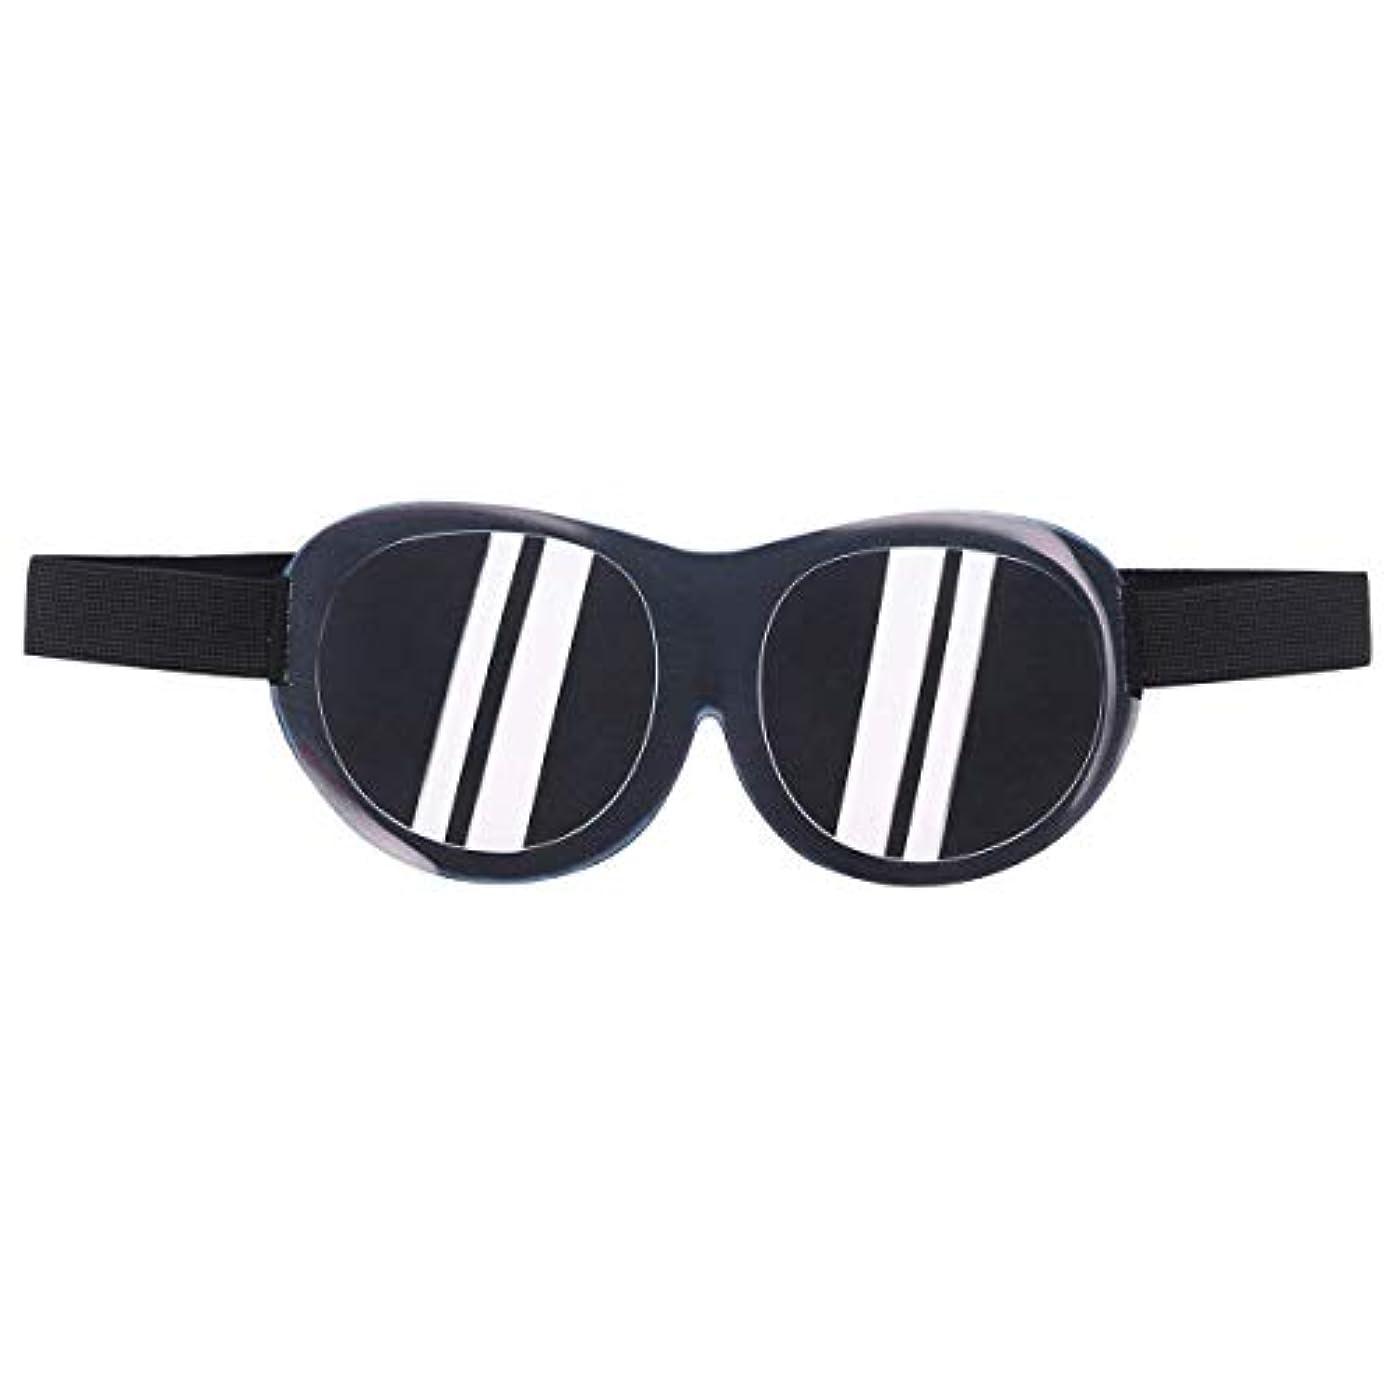 パン溶かす整然としたHealifty 睡眠目隠し3D面白いアイシェード通気性睡眠マスク旅行睡眠ヘルパーアイシェード用男性と女性